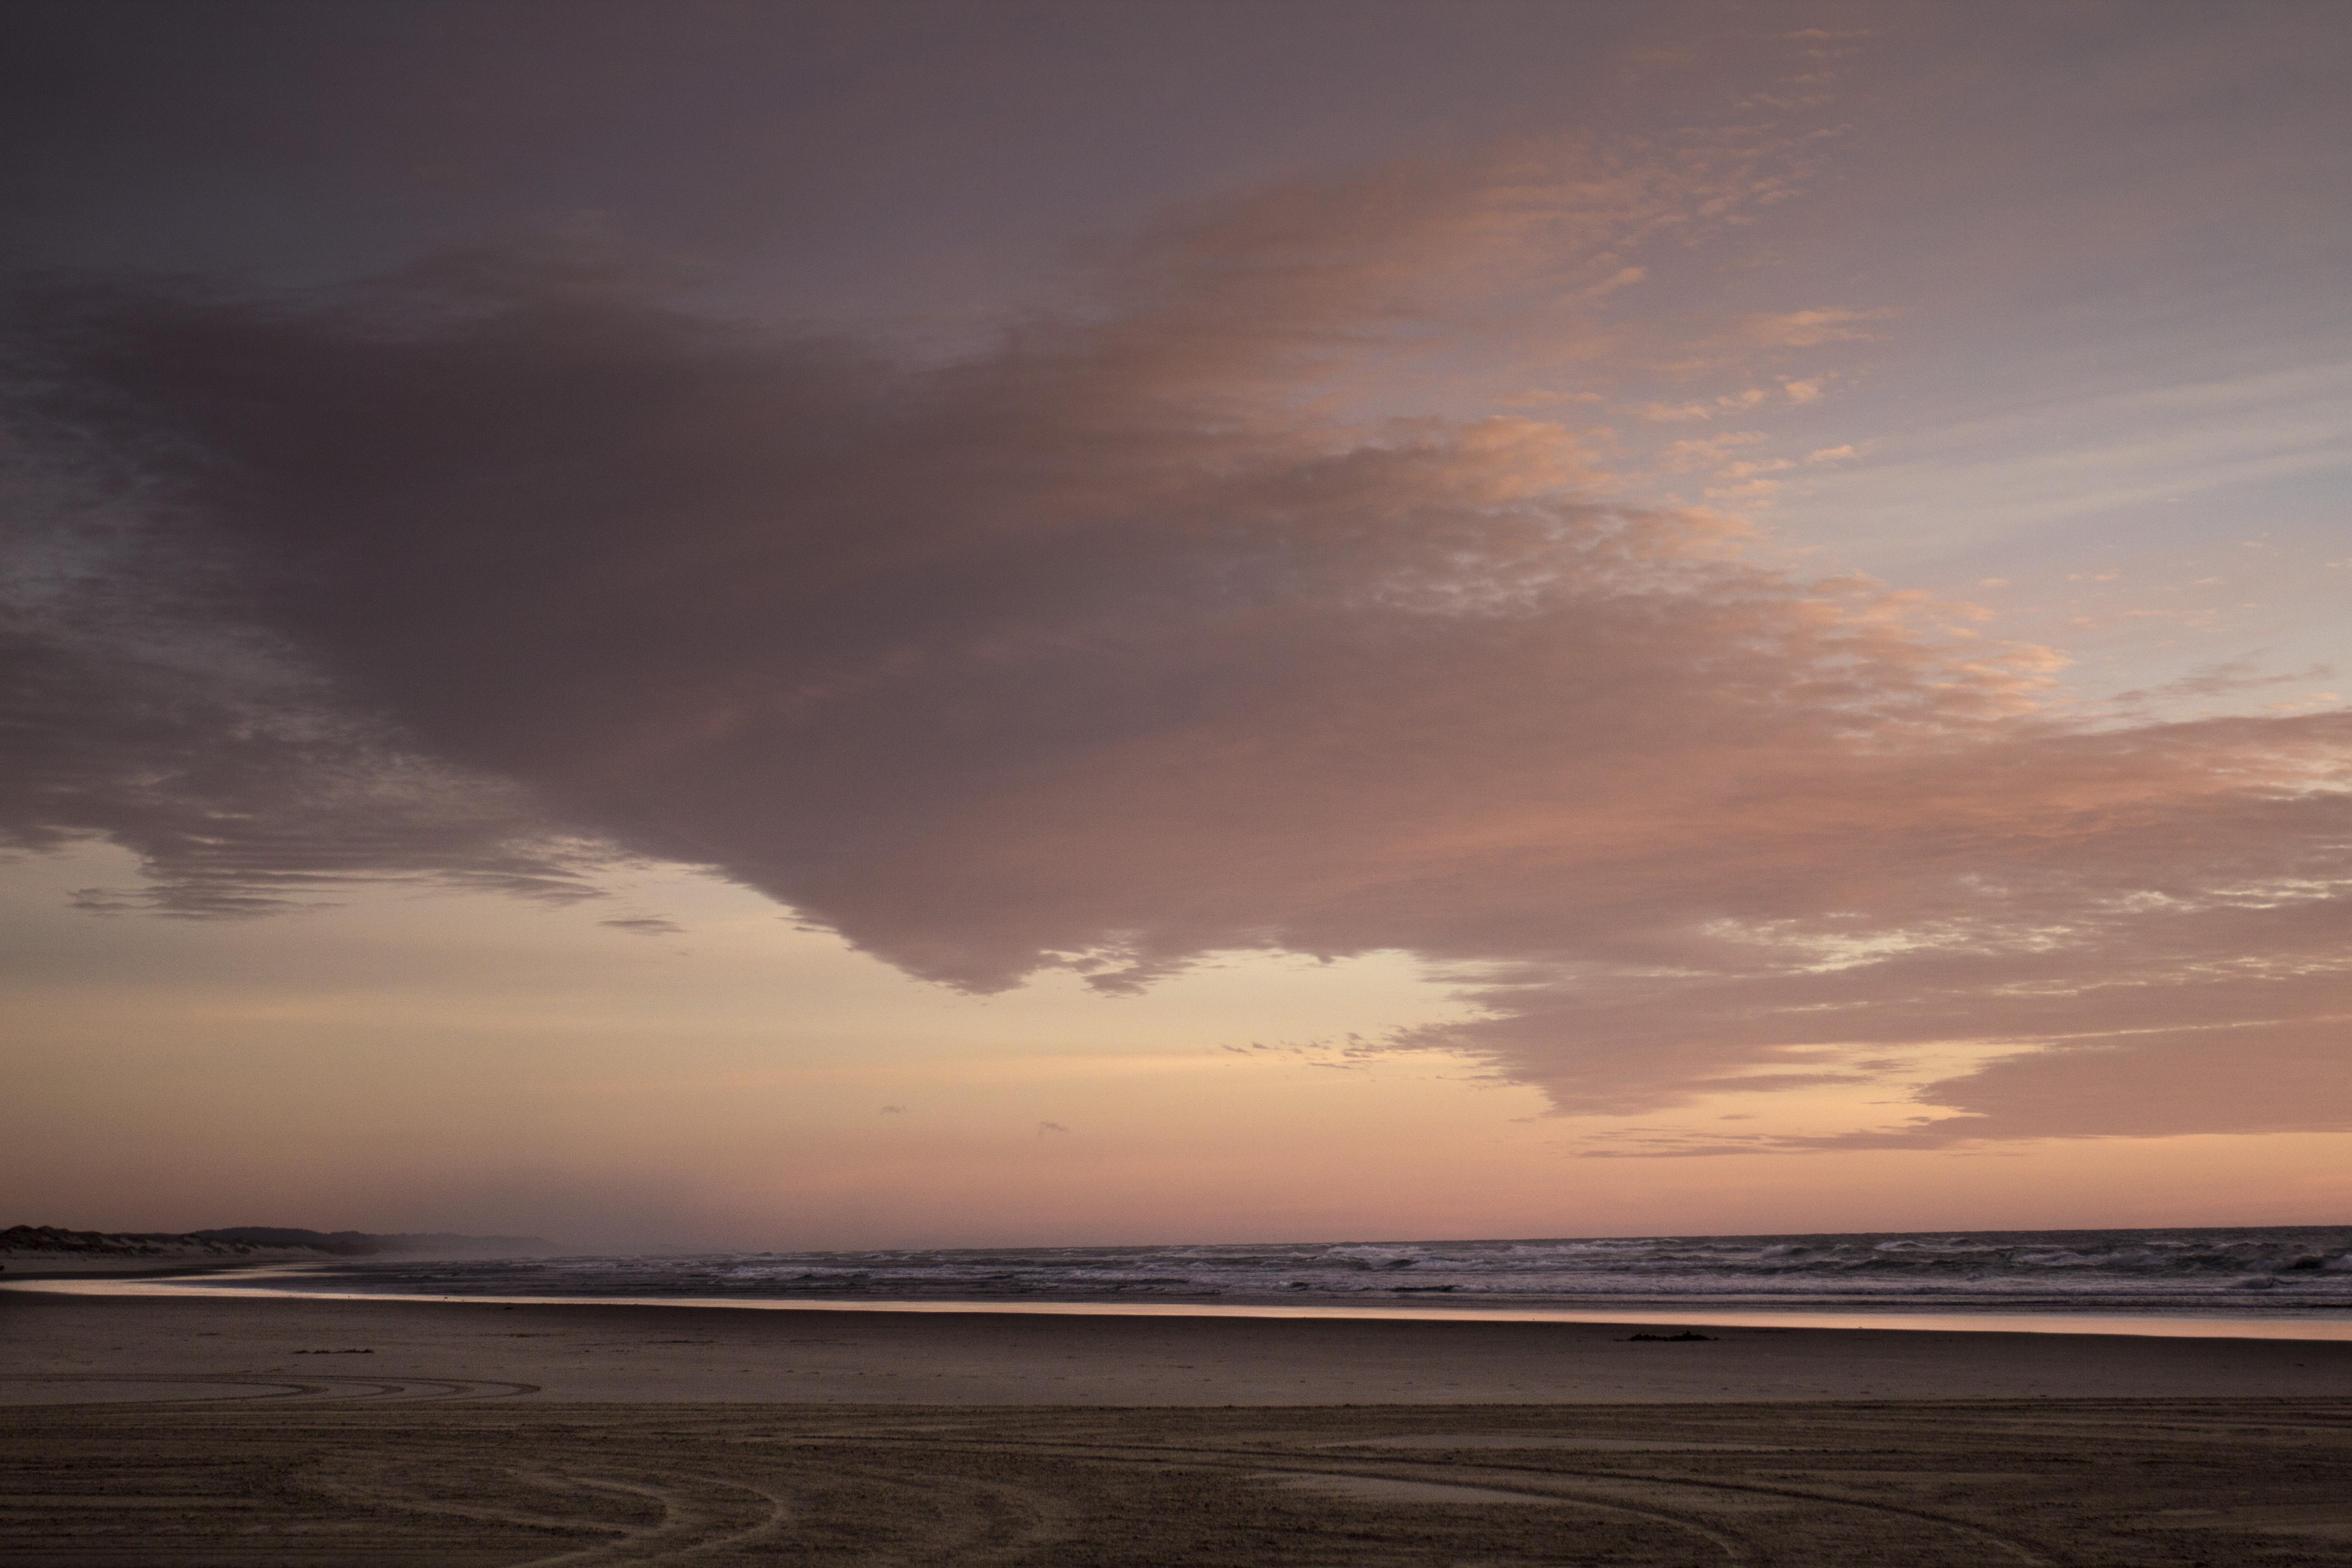 Sunset south jetty beach, oregon photo